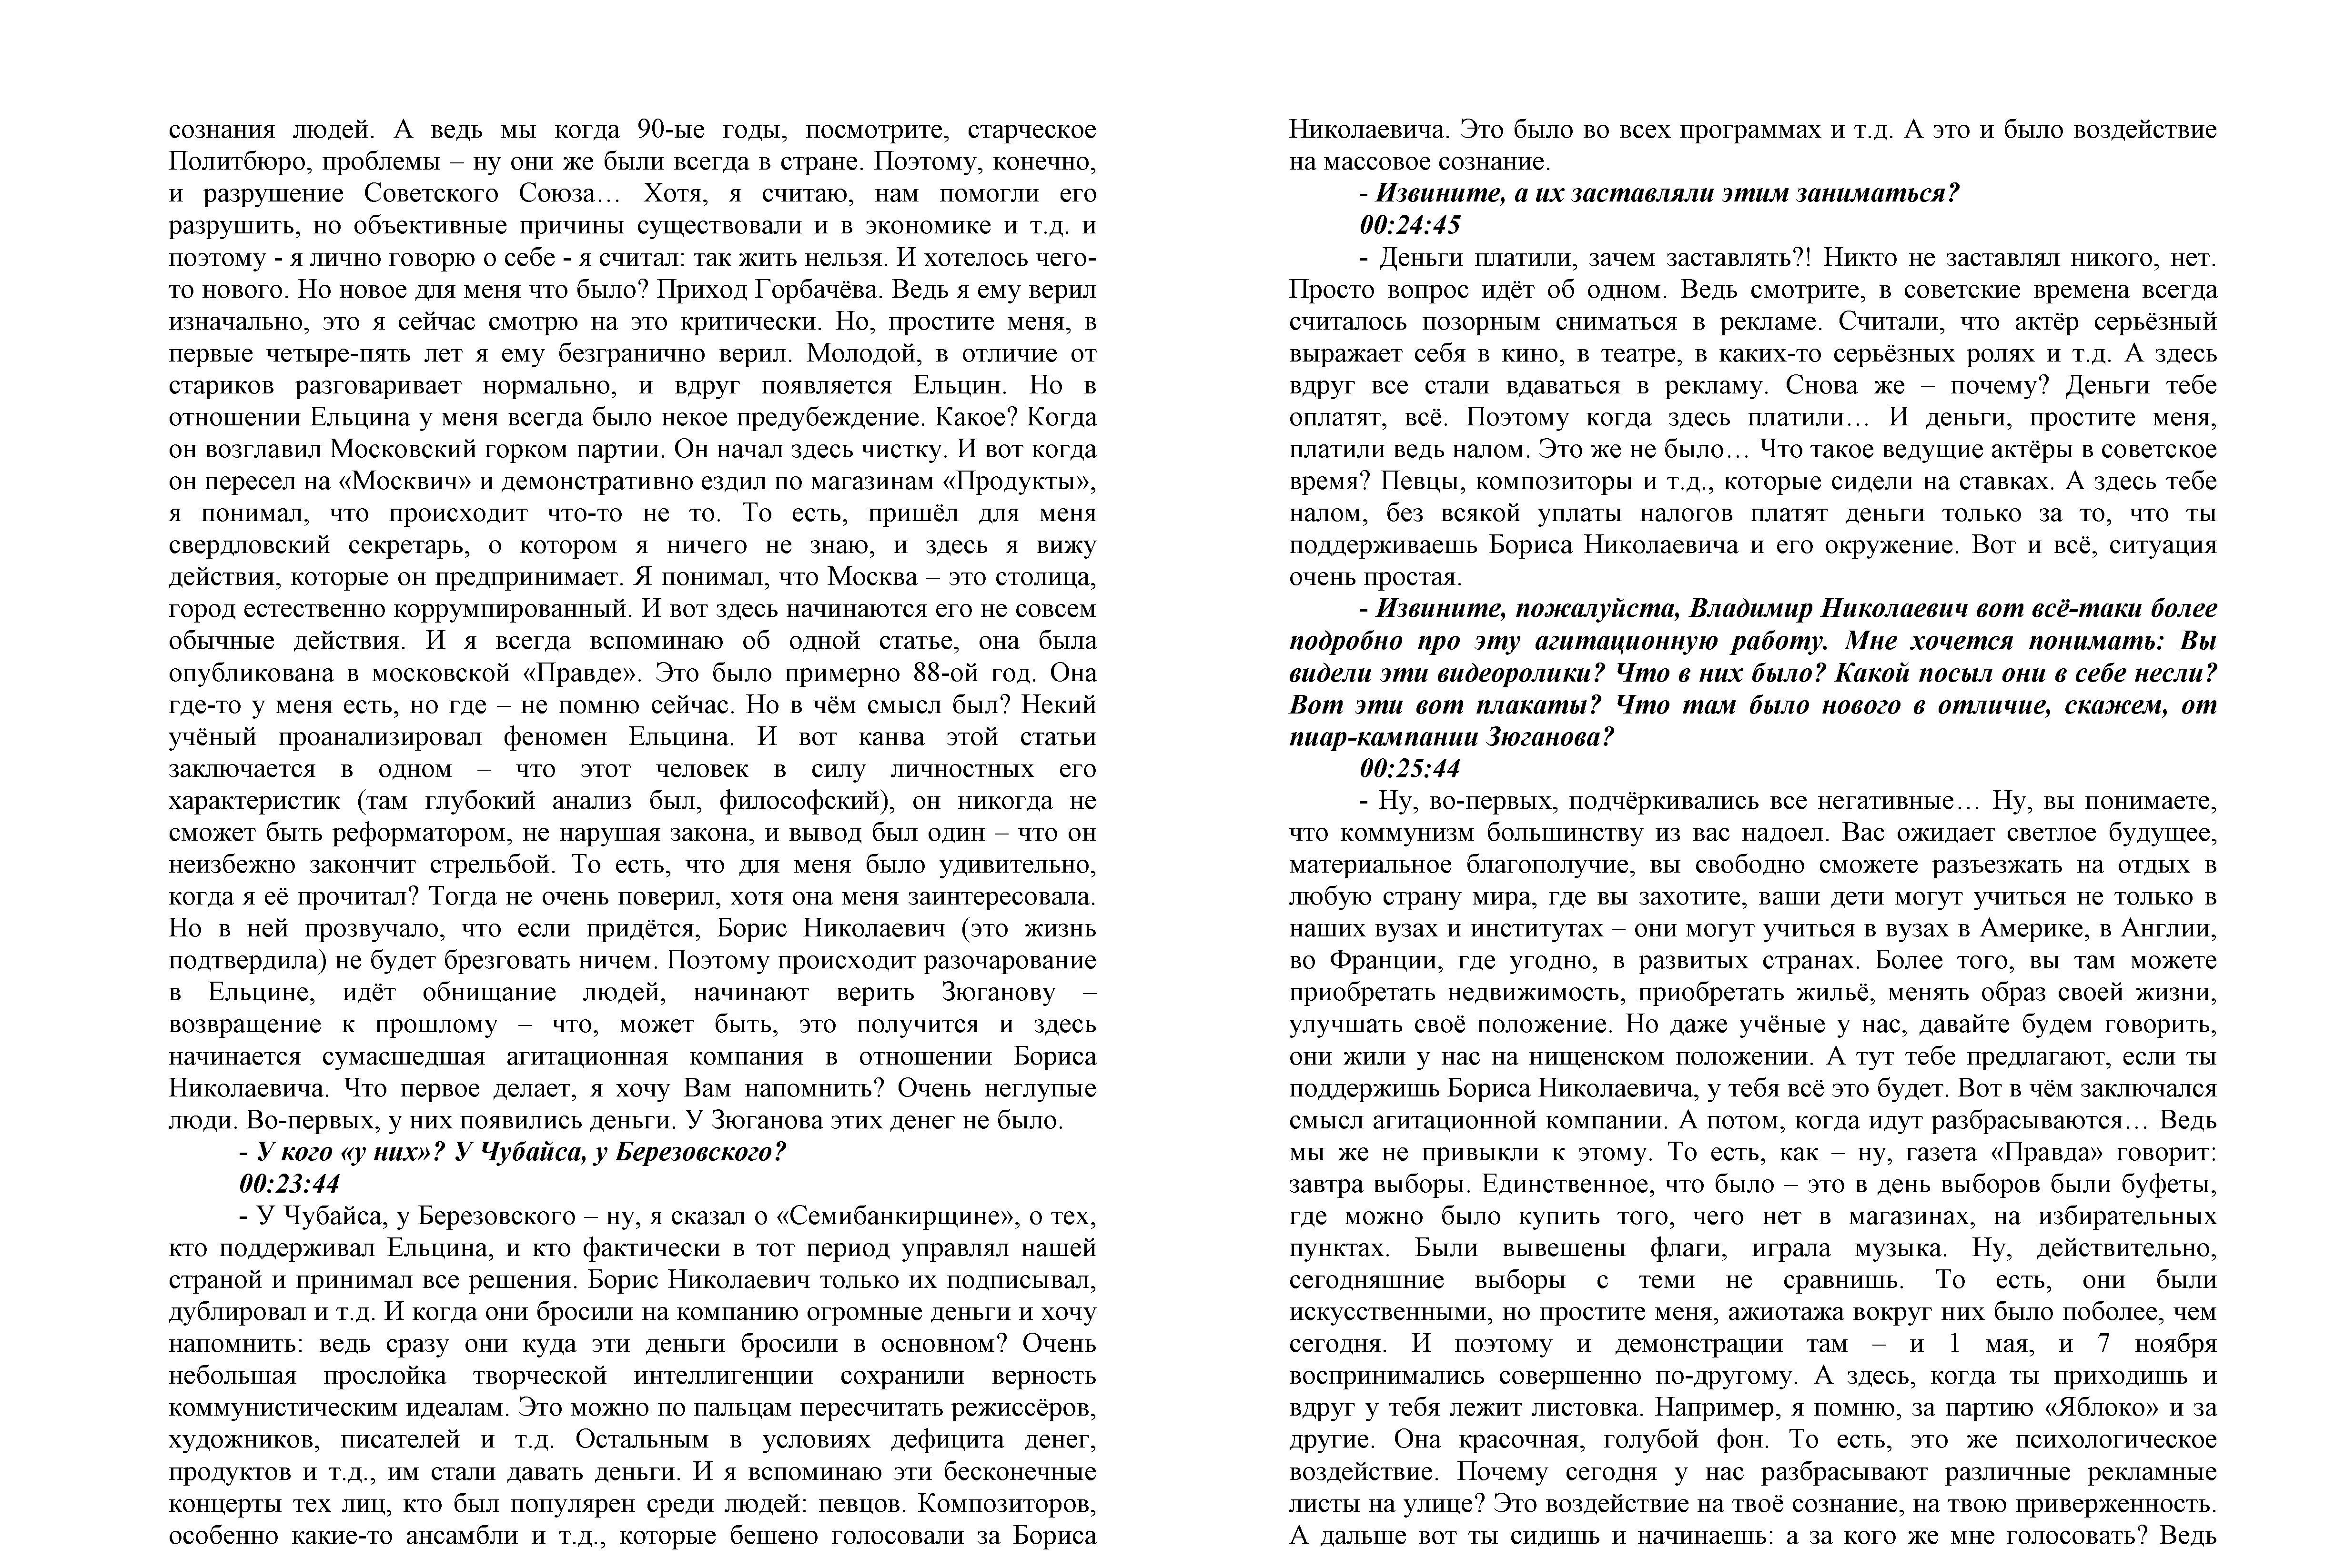 Как Б.Н. Ельцин победил на выборах 1996-го года (интервью)